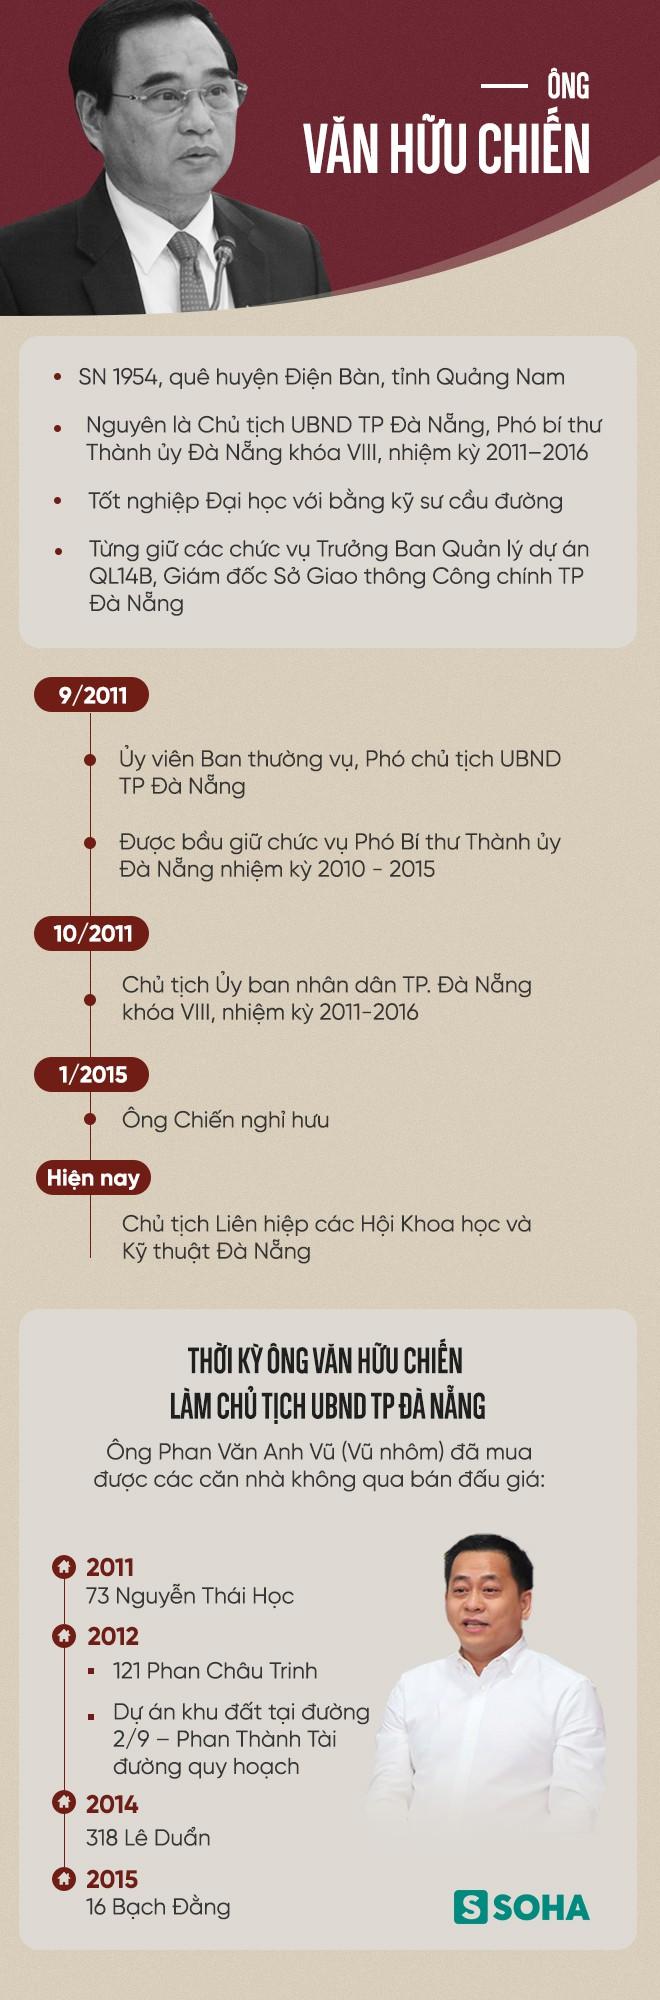 Khám xét nhà cựu Chủ tịch Đà Nẵng Văn Hữu Chiến diễn ra như thế nào? - Ảnh 4.